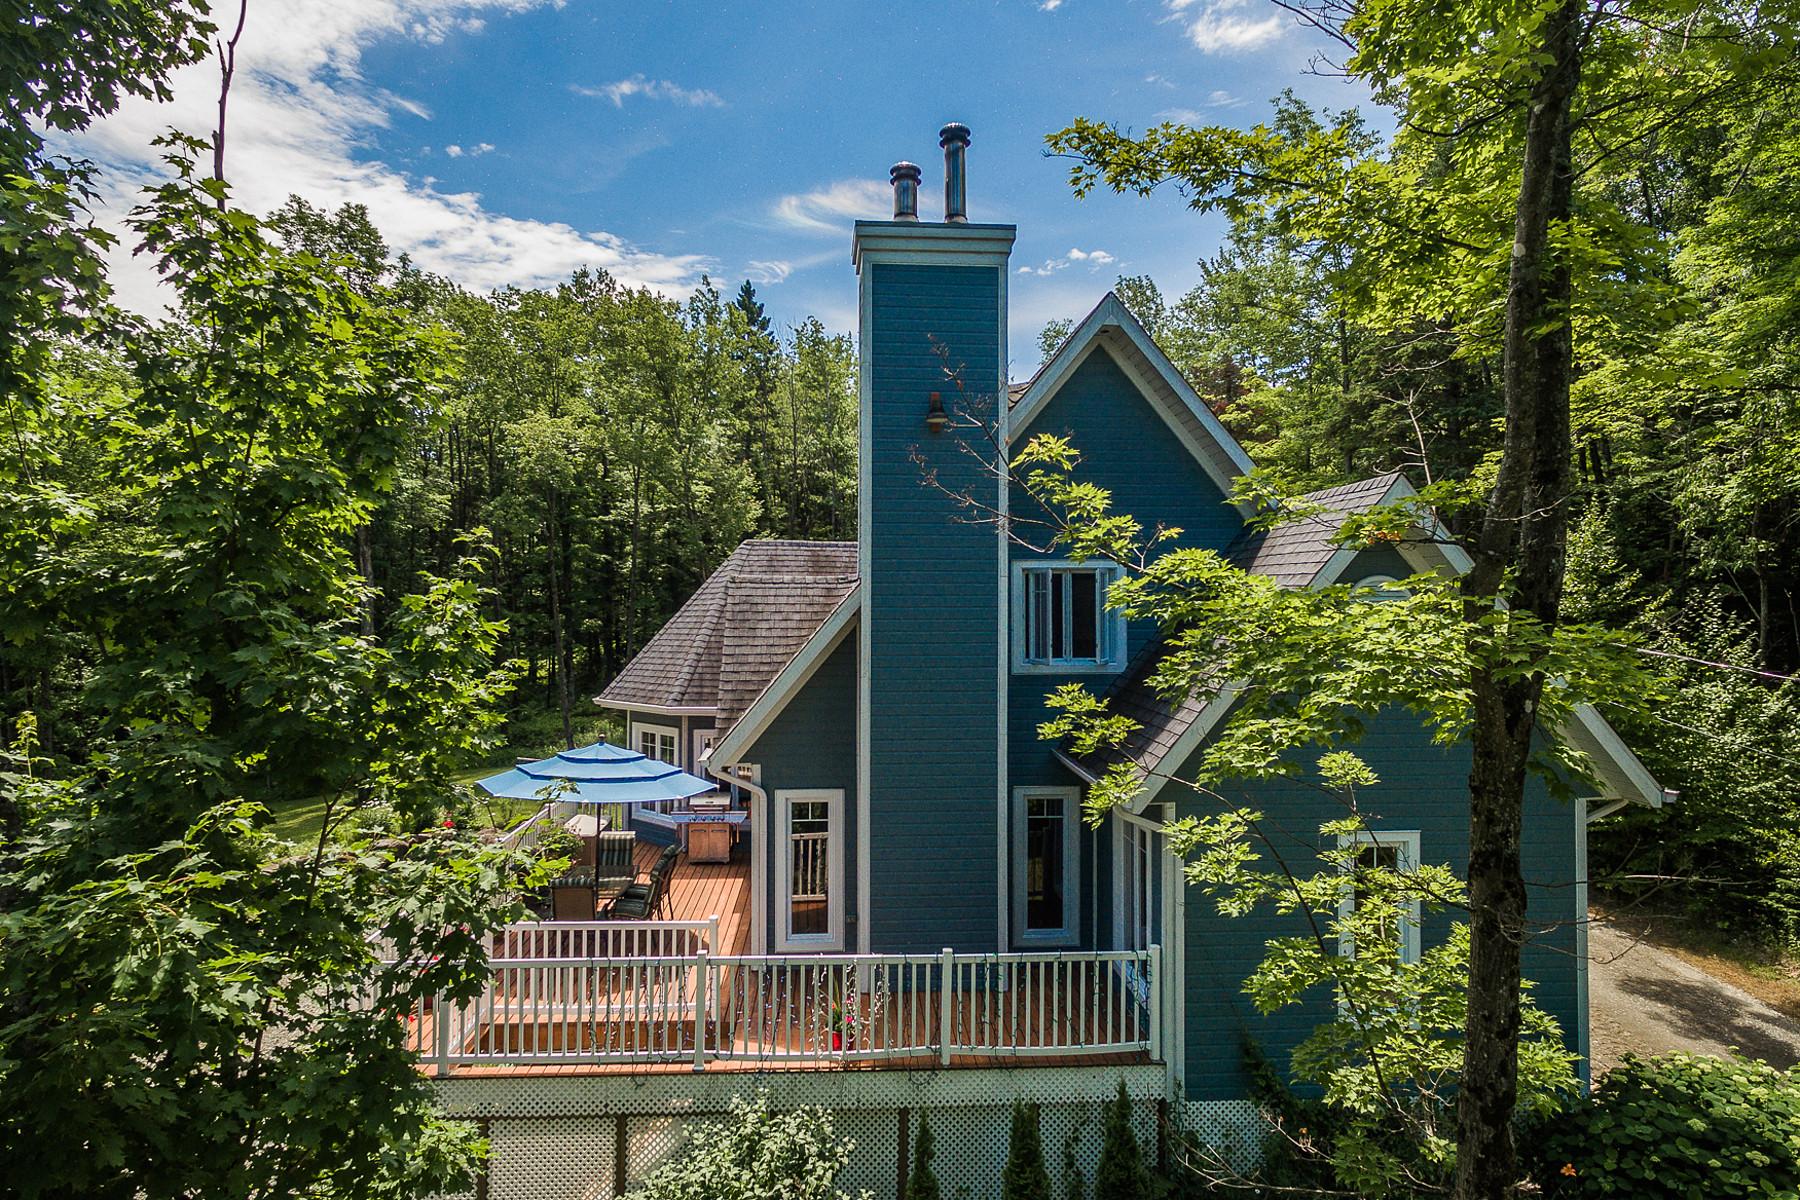 Single Family Home for Sale at Eastman, Estrie 22 Ch. des Castors, Eastman, Quebec, J0E1P0 Canada